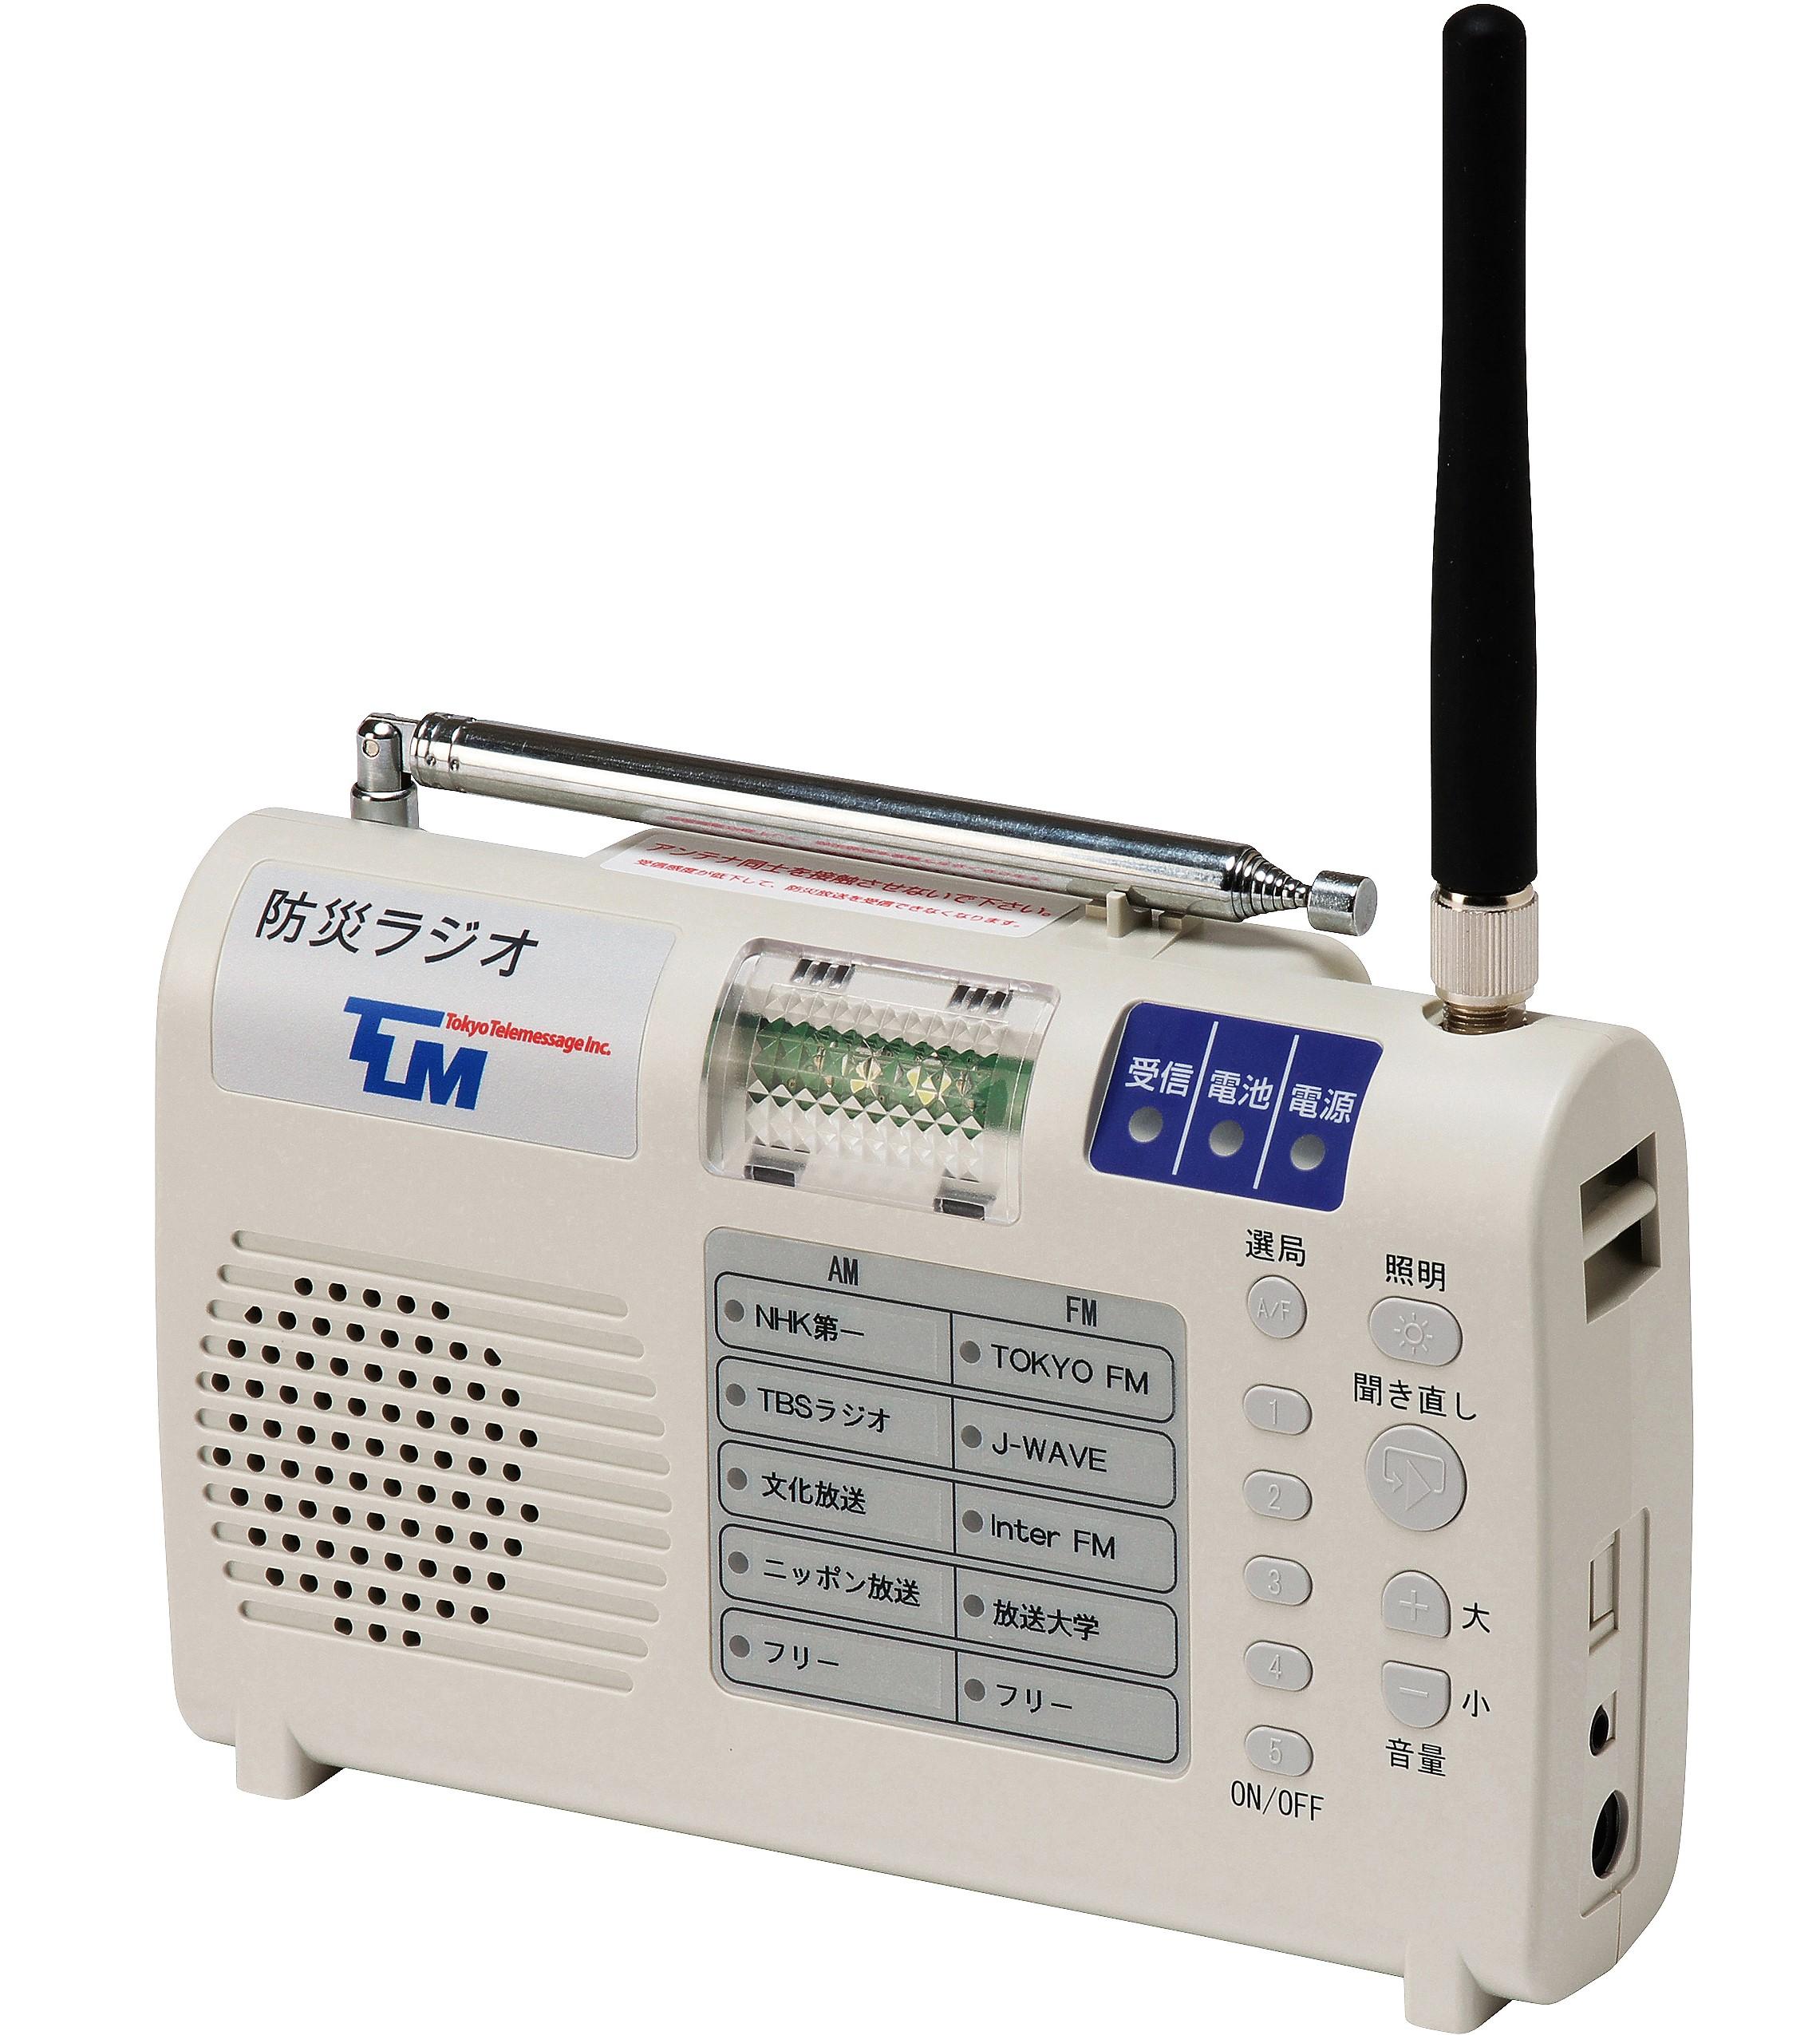 280防災ラジオ画像